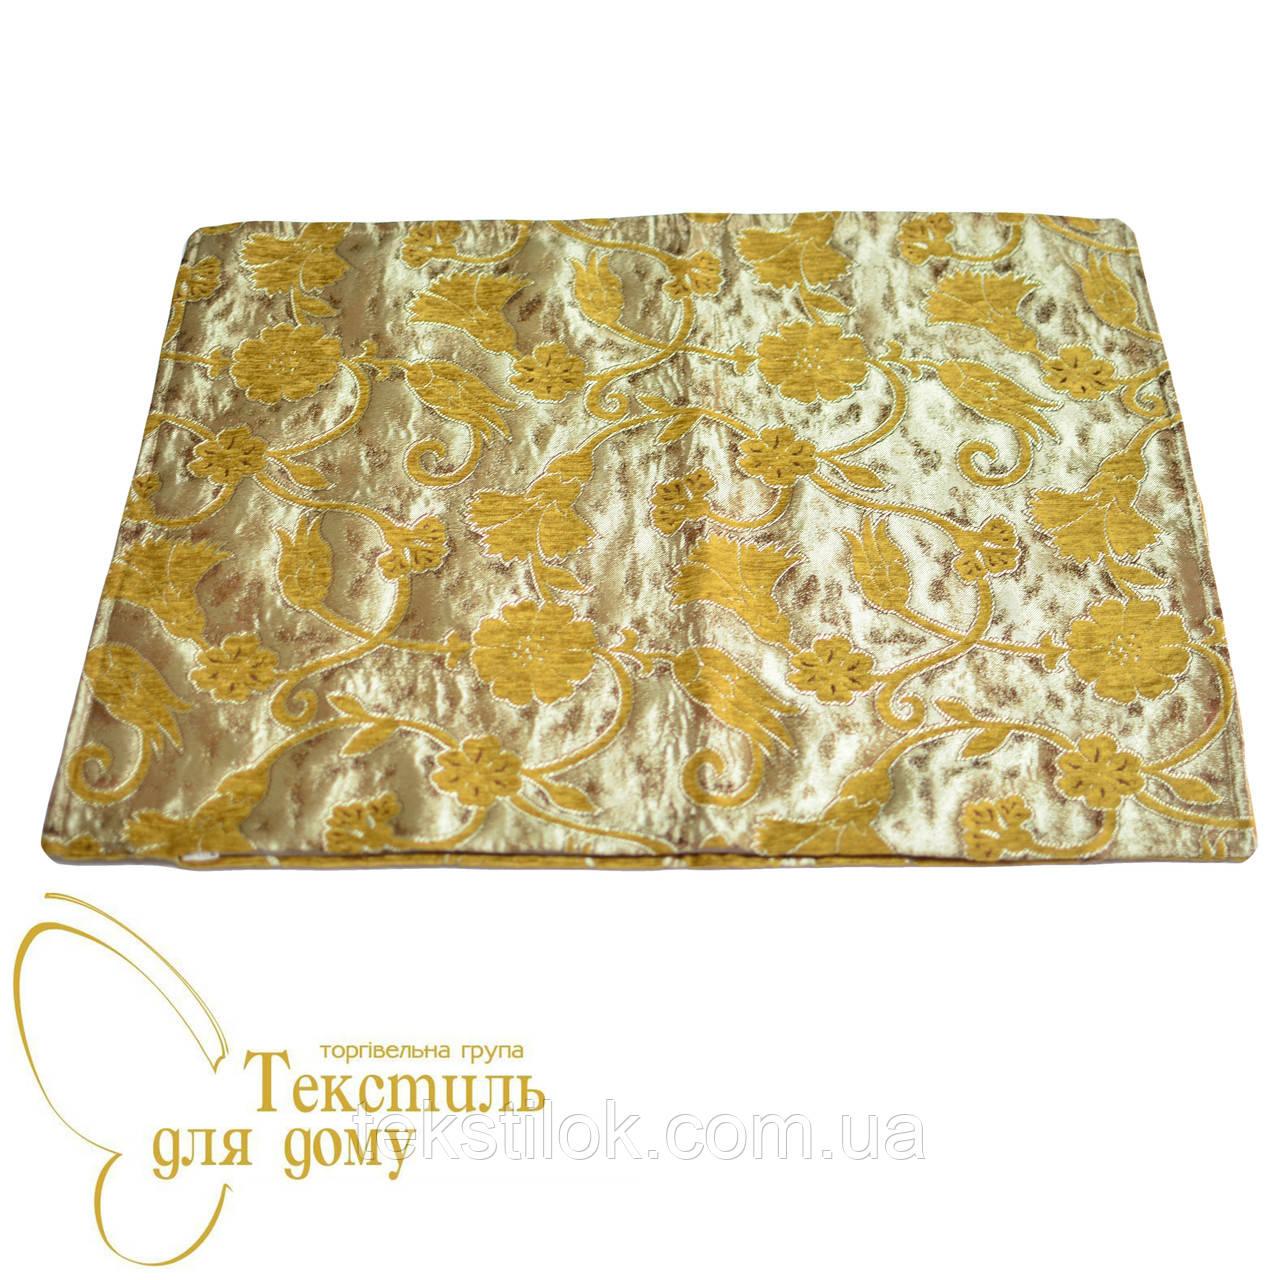 Наволочка декоративная с золотым цветком ANTIK KARANFIL, 50*70, желтый